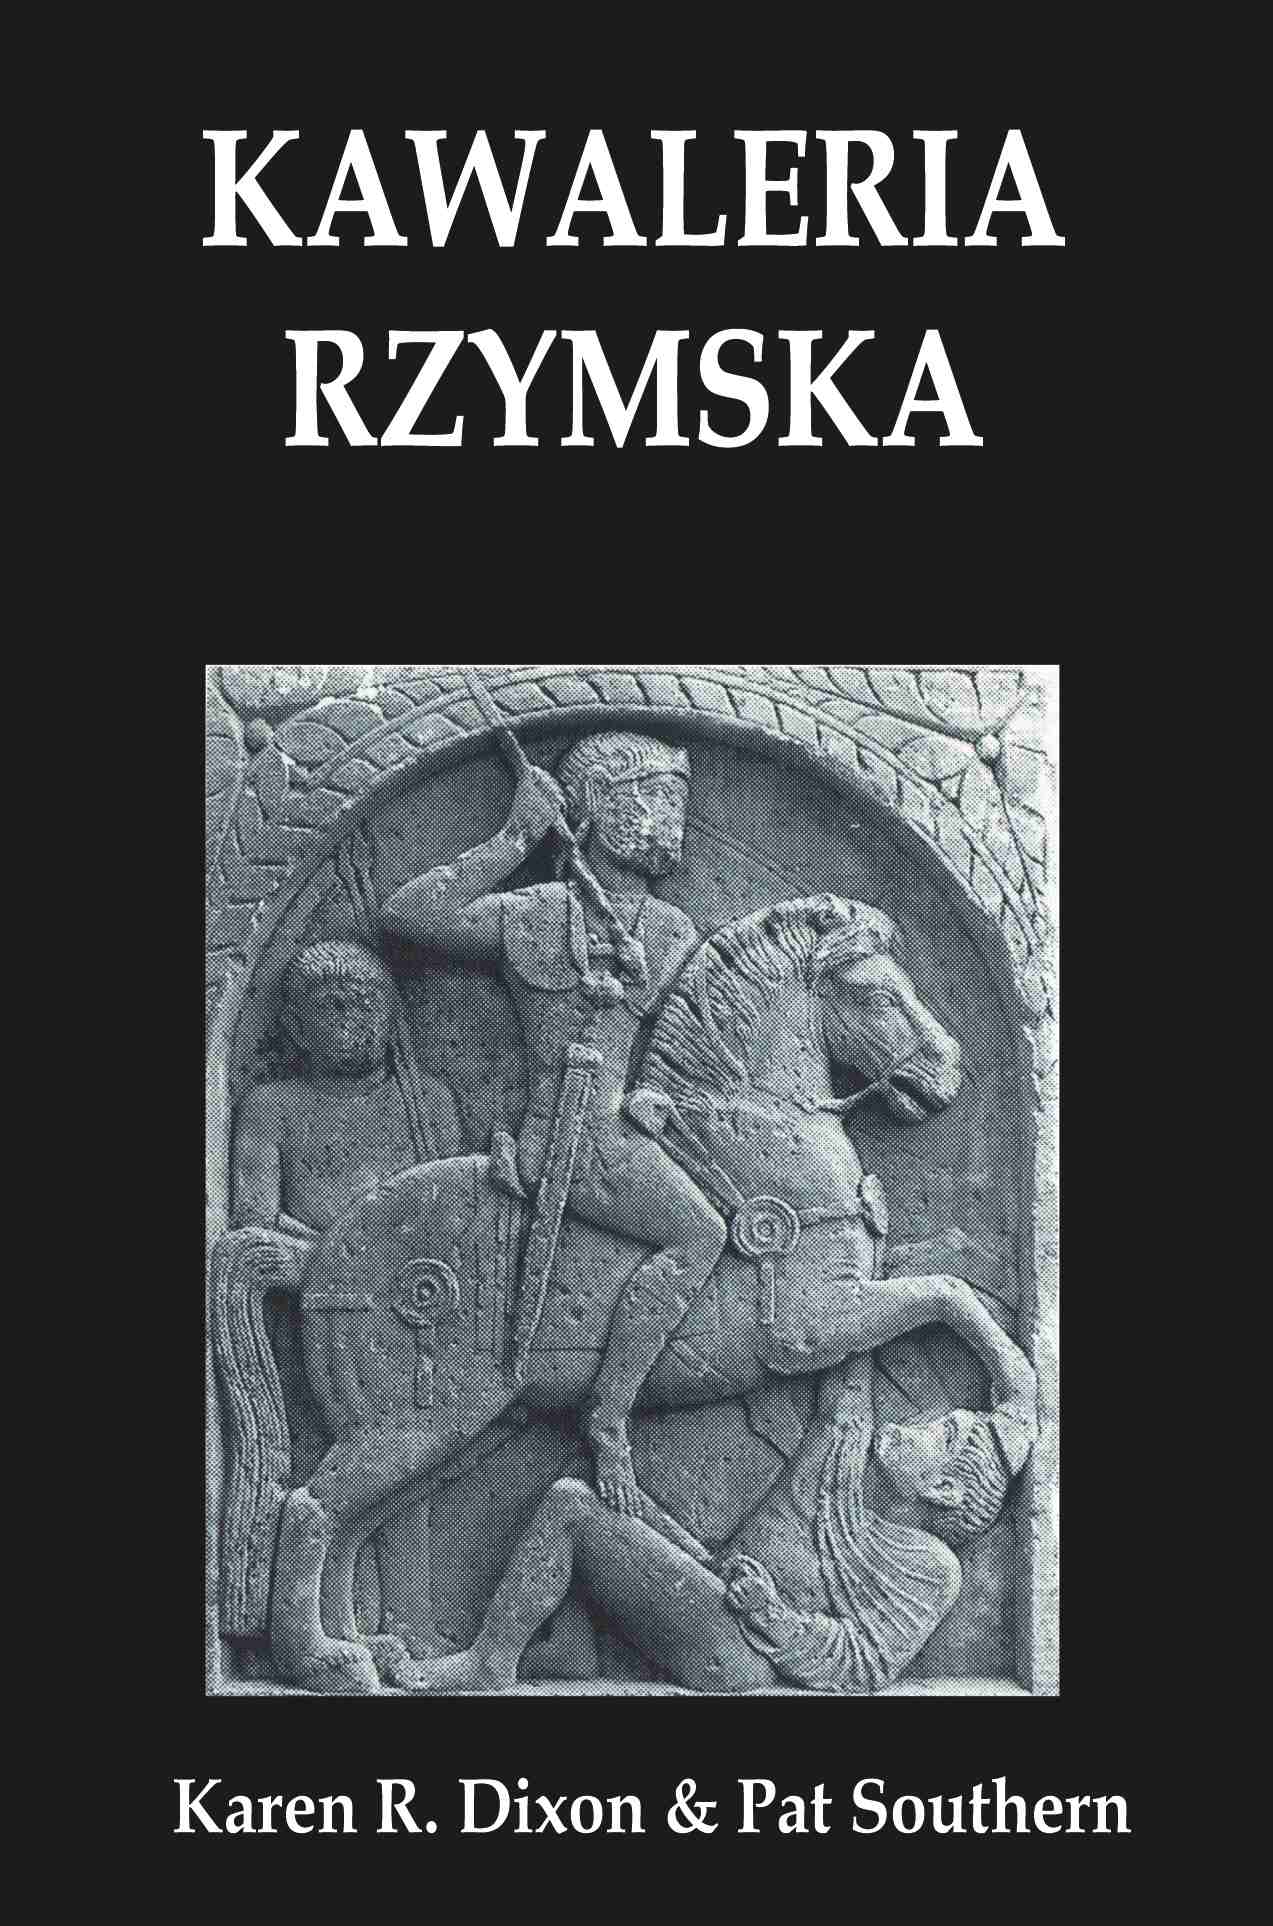 Kawaleria rzymska - Ebook (Książka EPUB) do pobrania w formacie EPUB